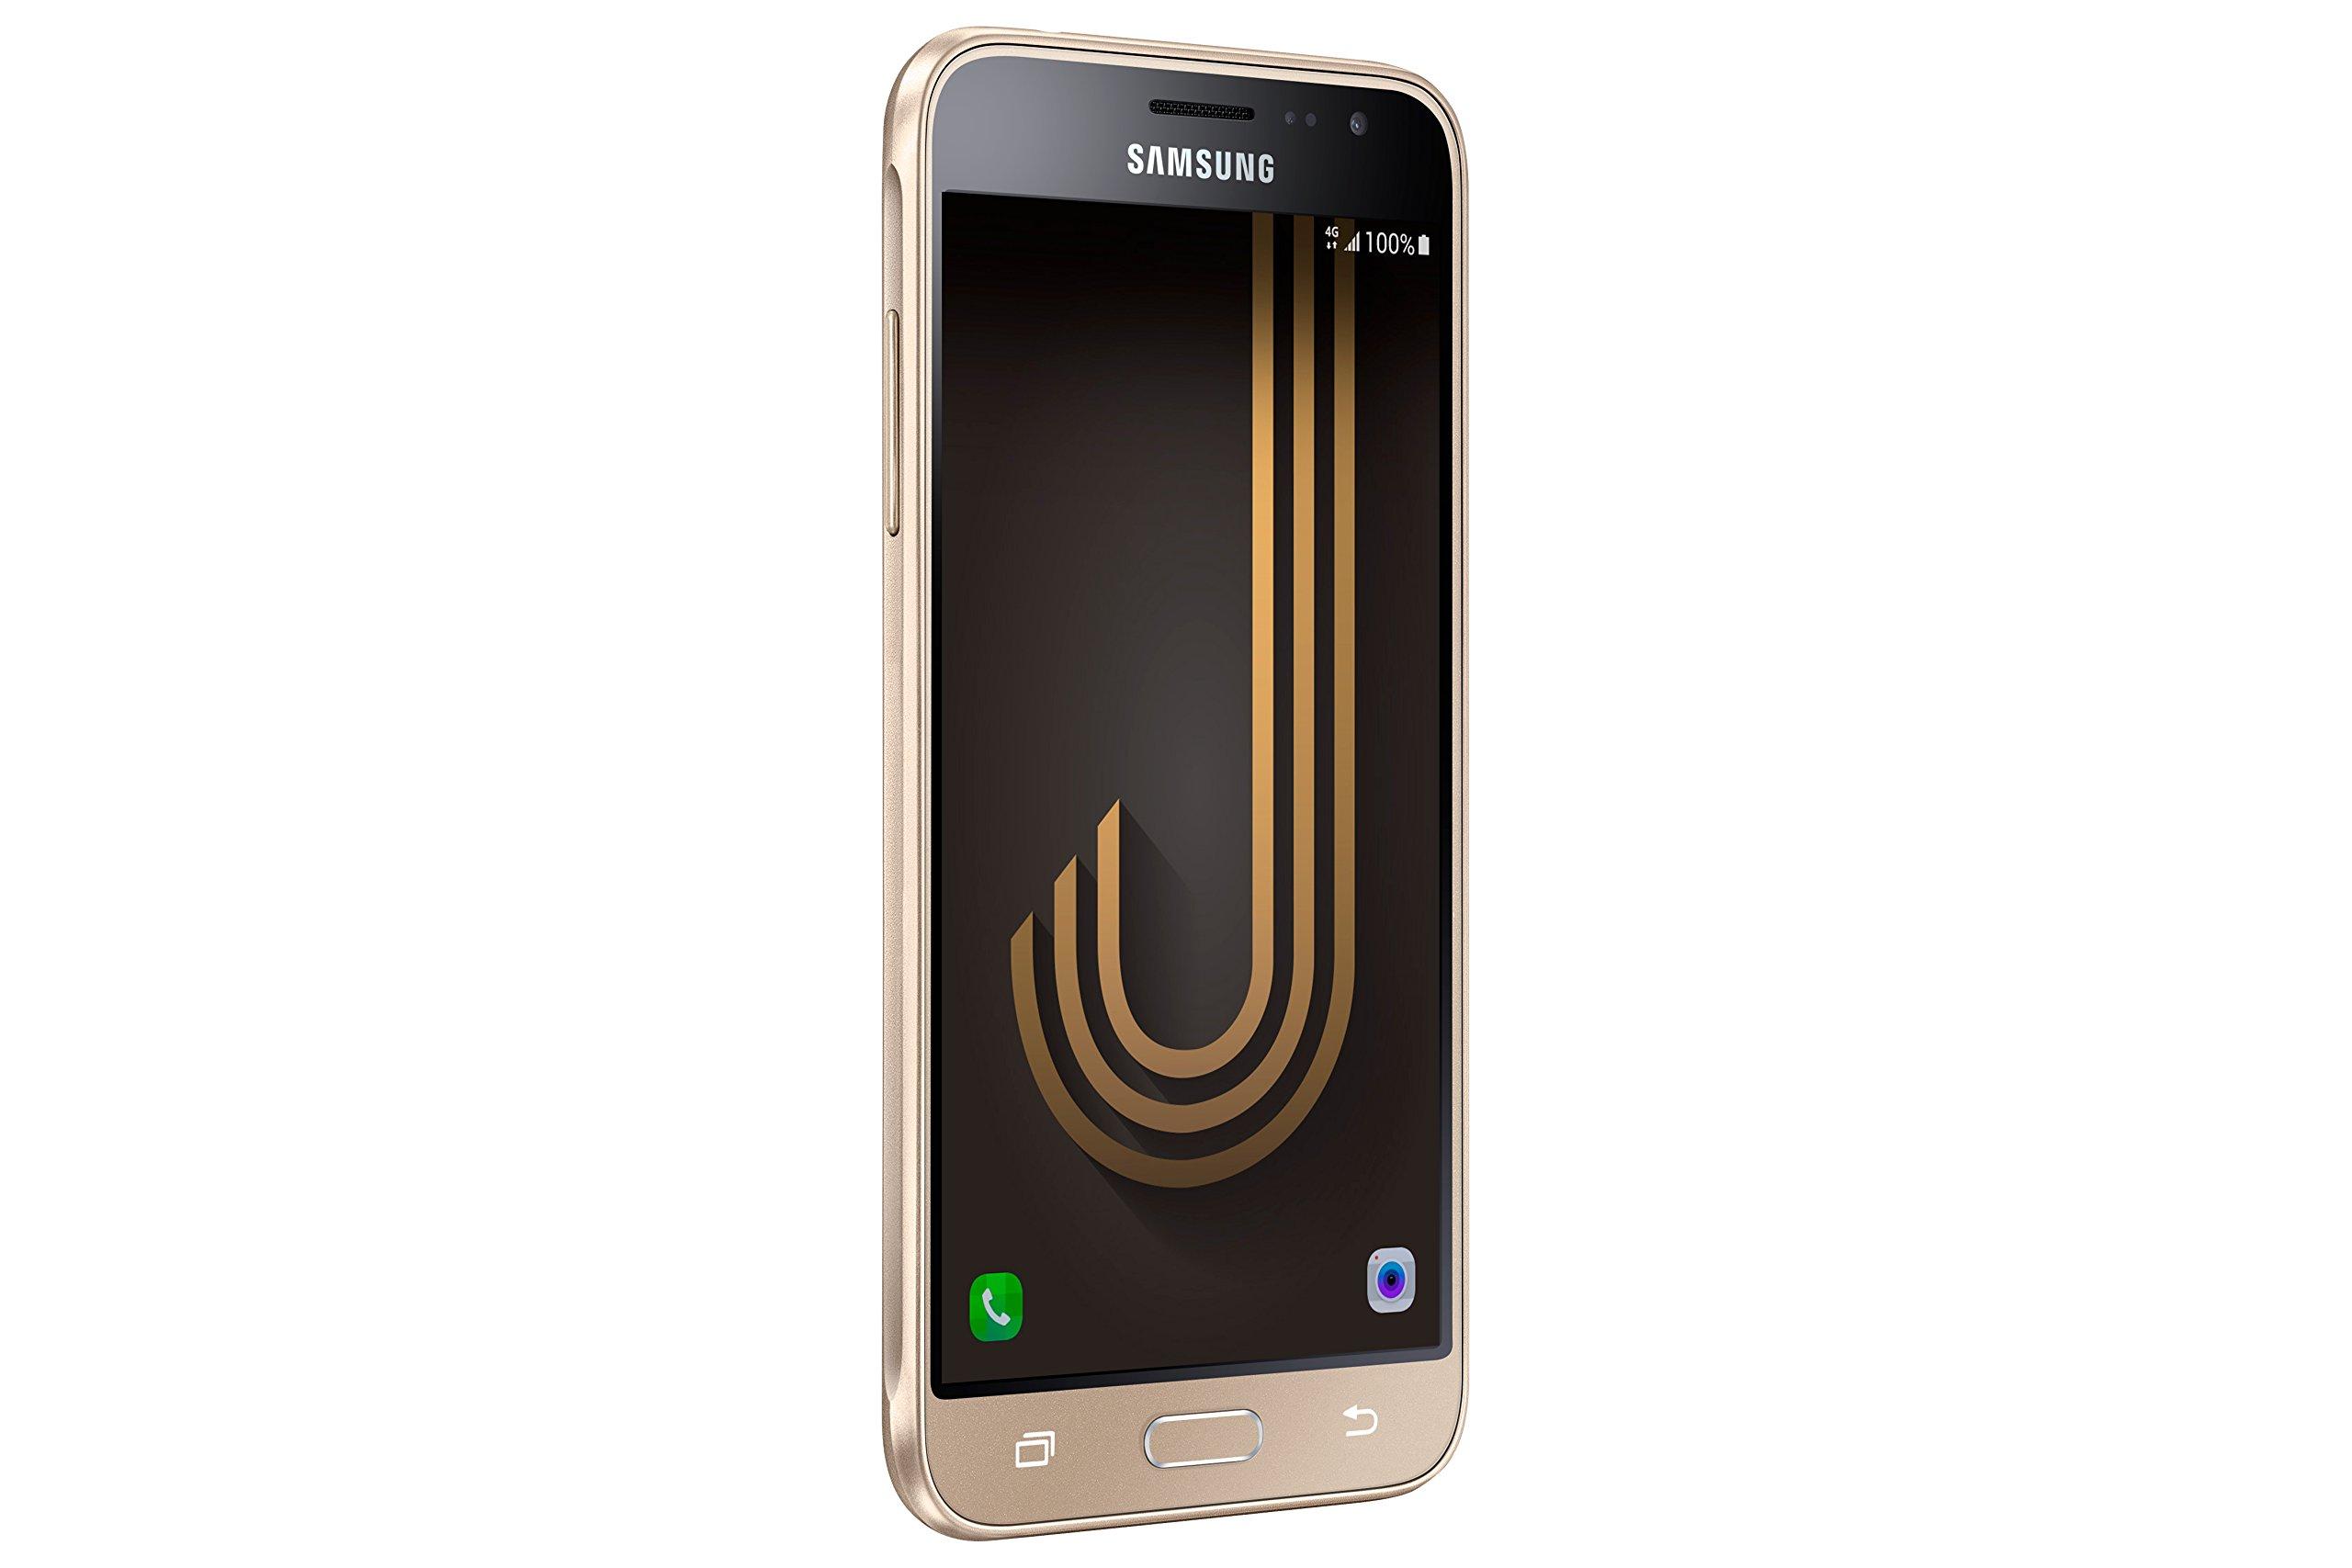 Samsung Galaxy J3 - Smartphone de 5 (SIM única, Android, Memoria Interna de 8 GB, 4G, MicroSIM, Edge, GPRS, gsm, HSPA+, HSUPA, UMTS, WCDMA, LTE), Oro: Amazon.es: Electrónica